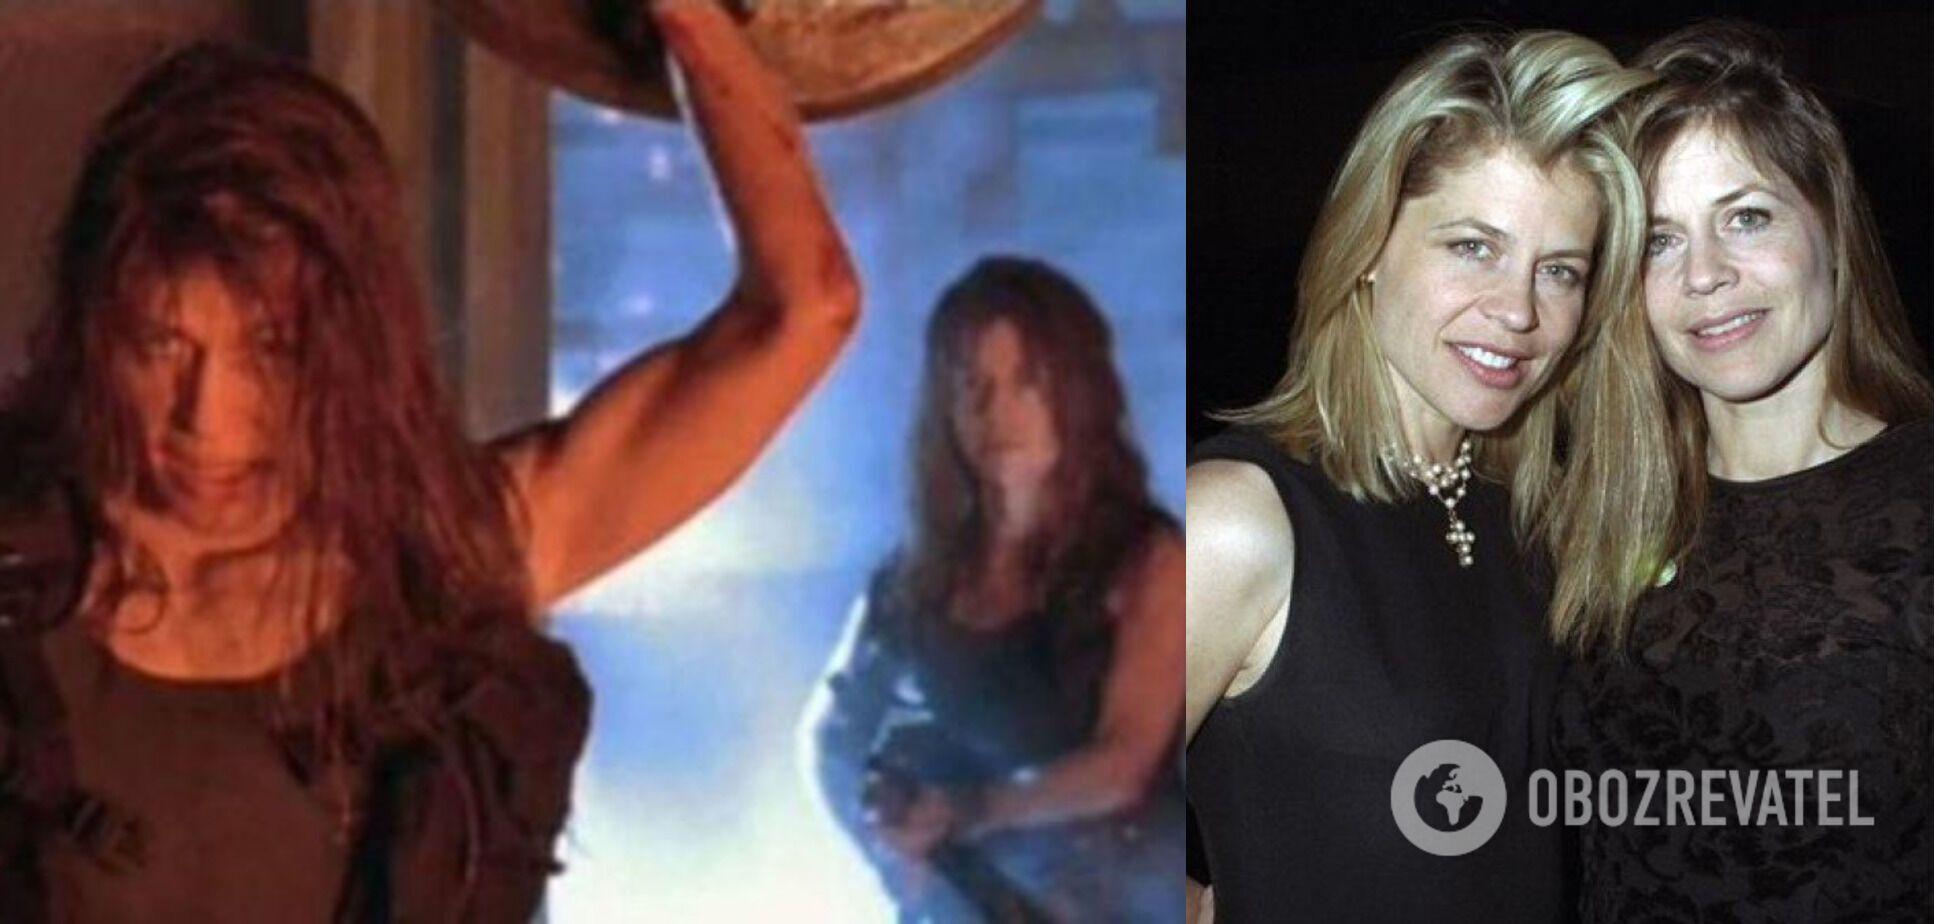 """Леслі Гамільтон зіграла клон своєї сестри у фільмі """"Термінатор"""""""